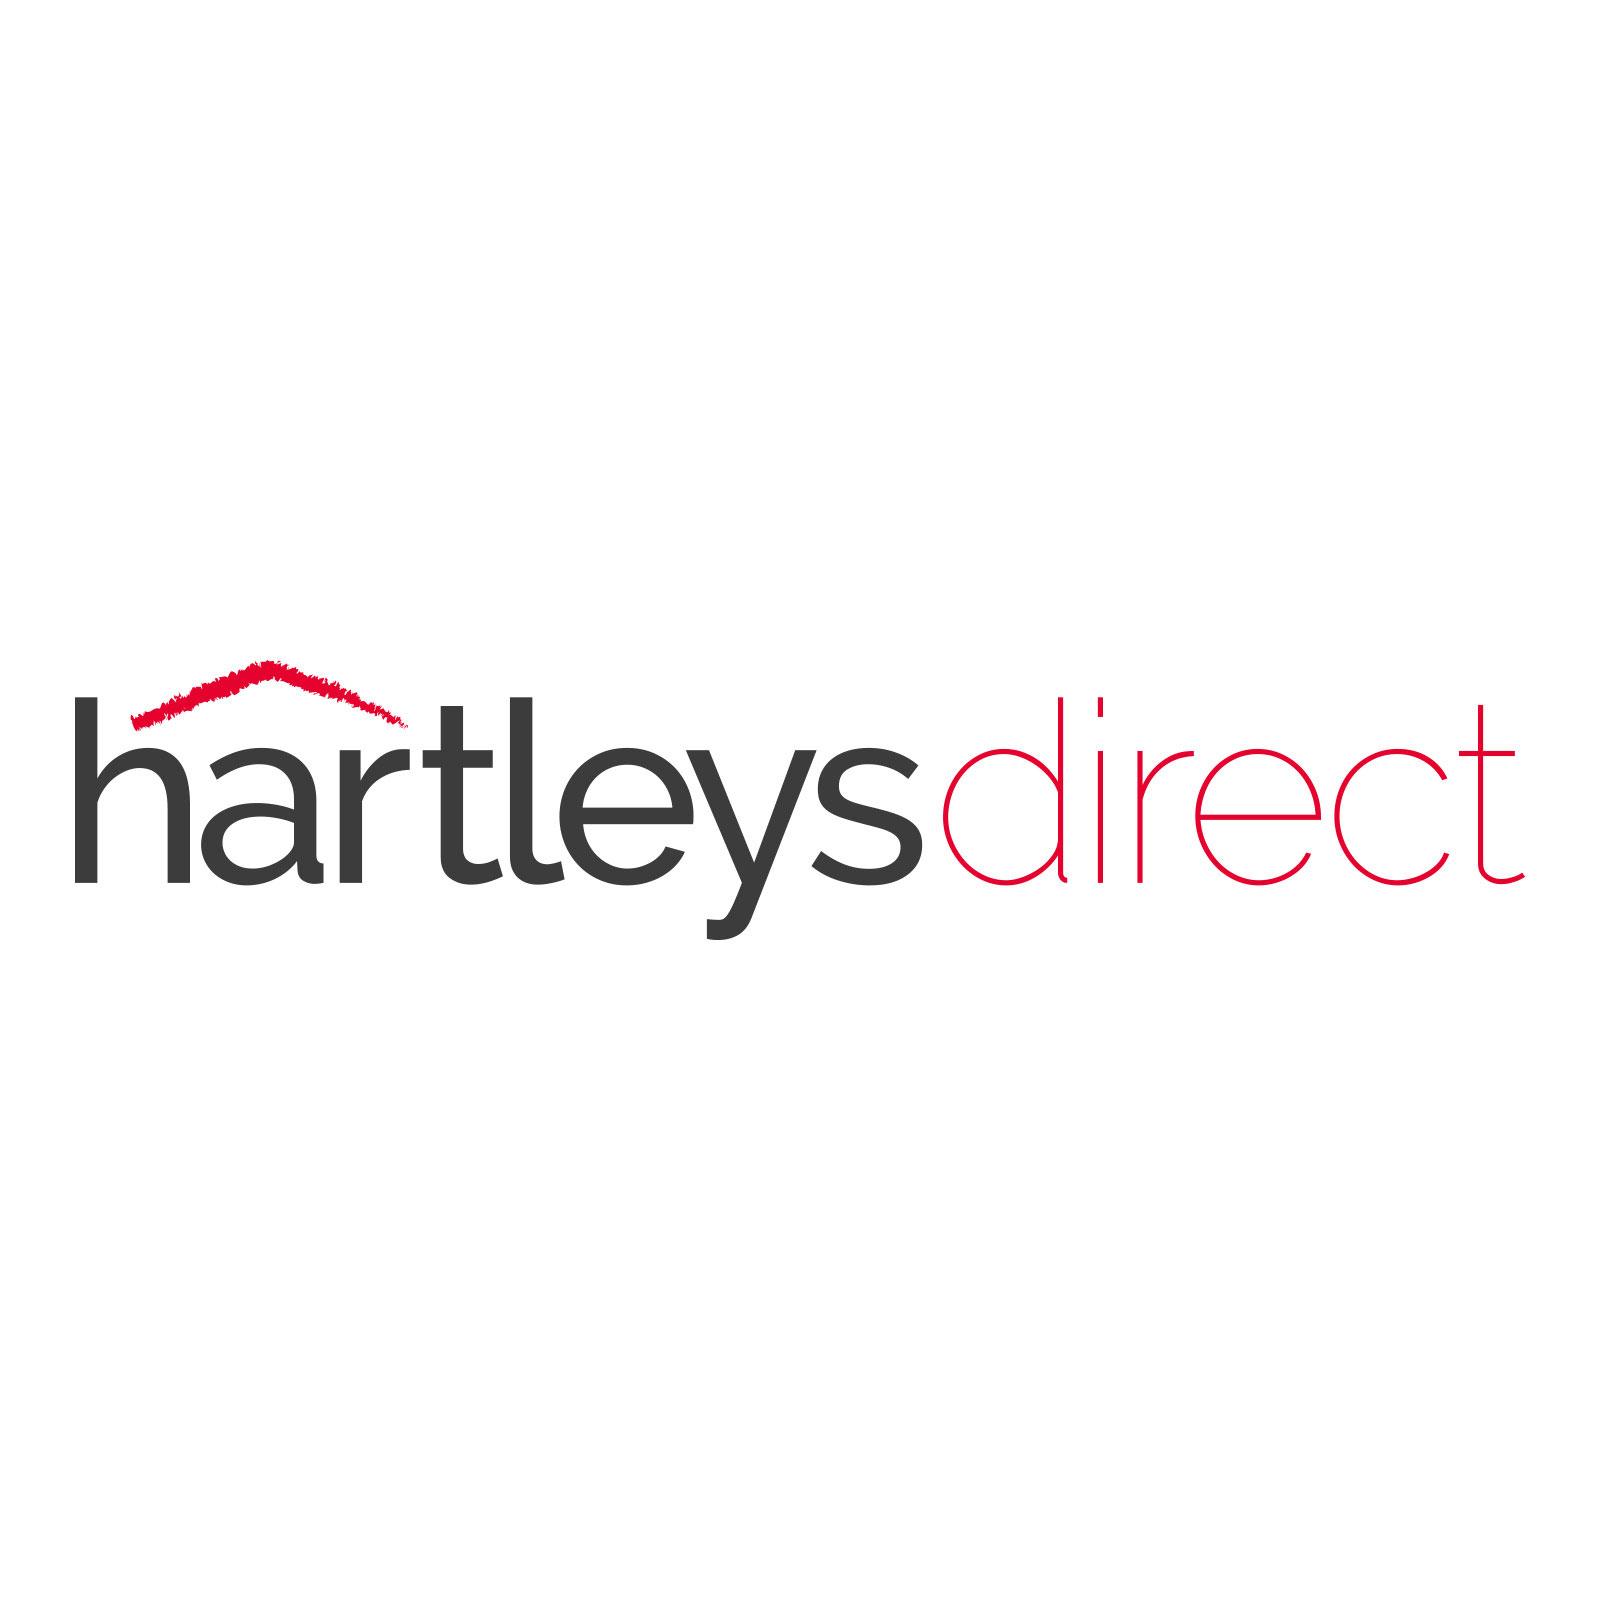 Hartleys-Black-Velvet-Bar-Stool-on-White-Background-with-Measurements.jpg